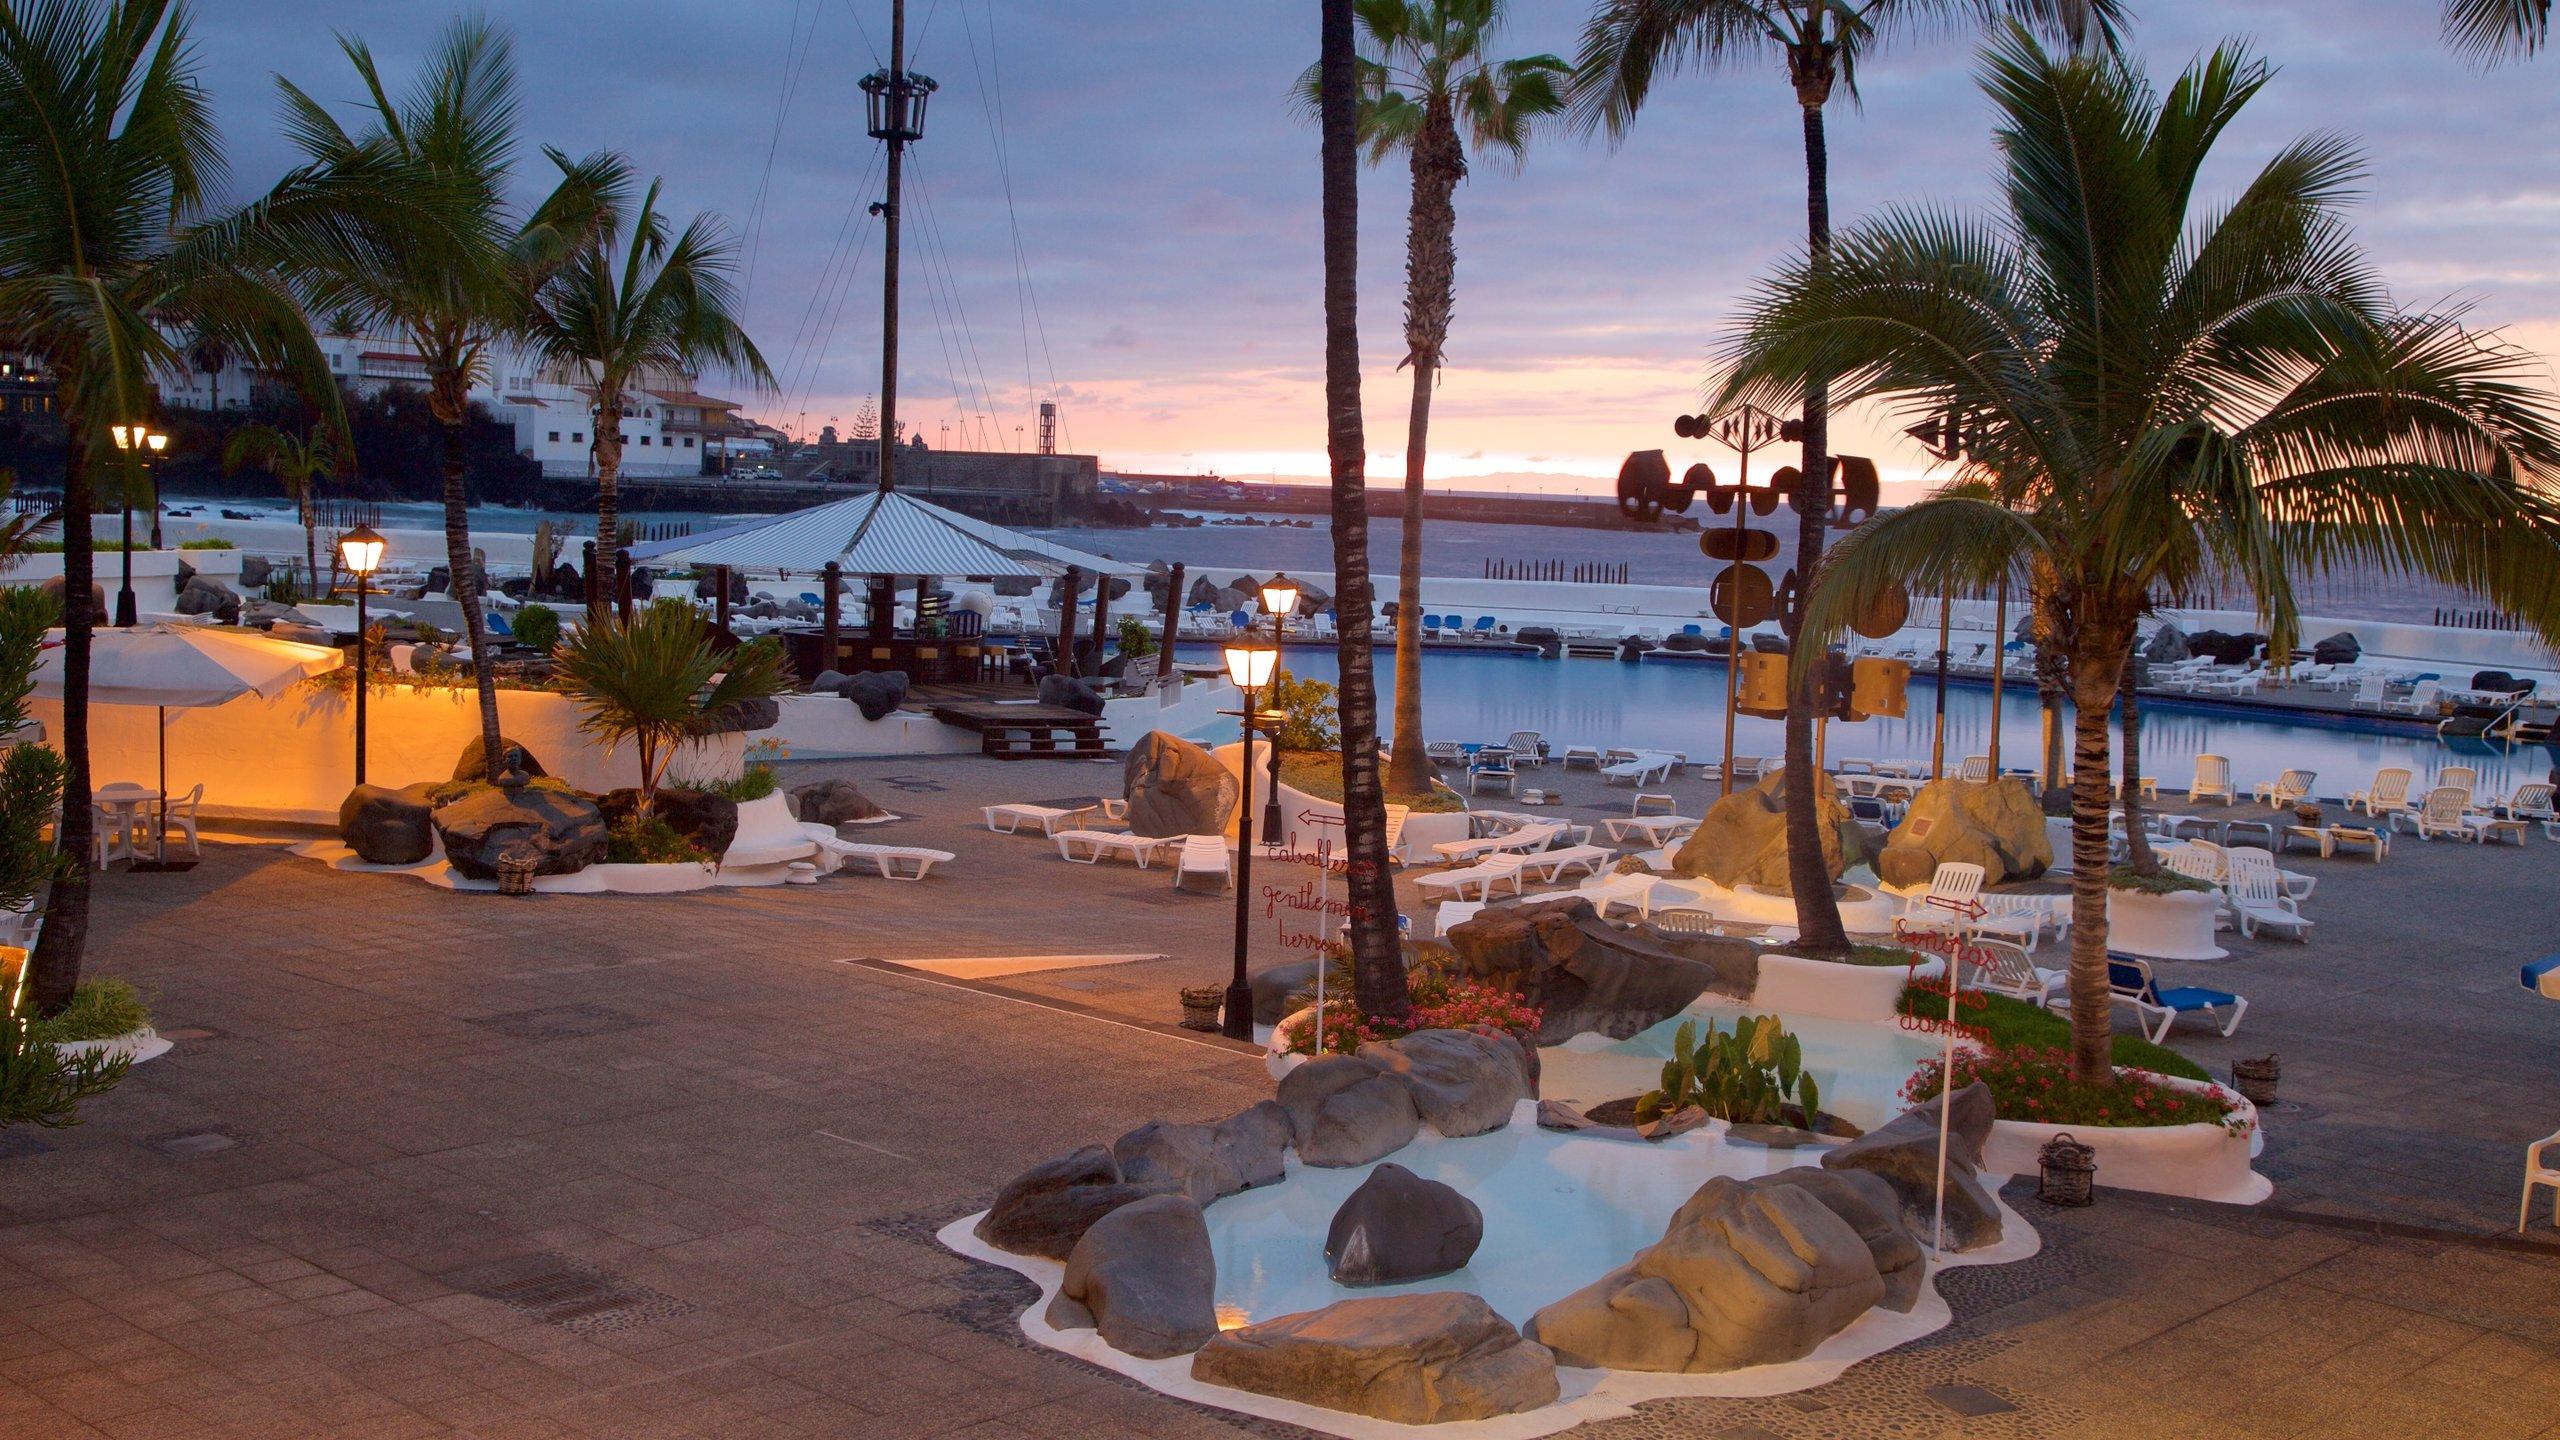 Hoteles en la playa baratos en puerto de la cruz - Hoteles baratos puerto de la cruz ...